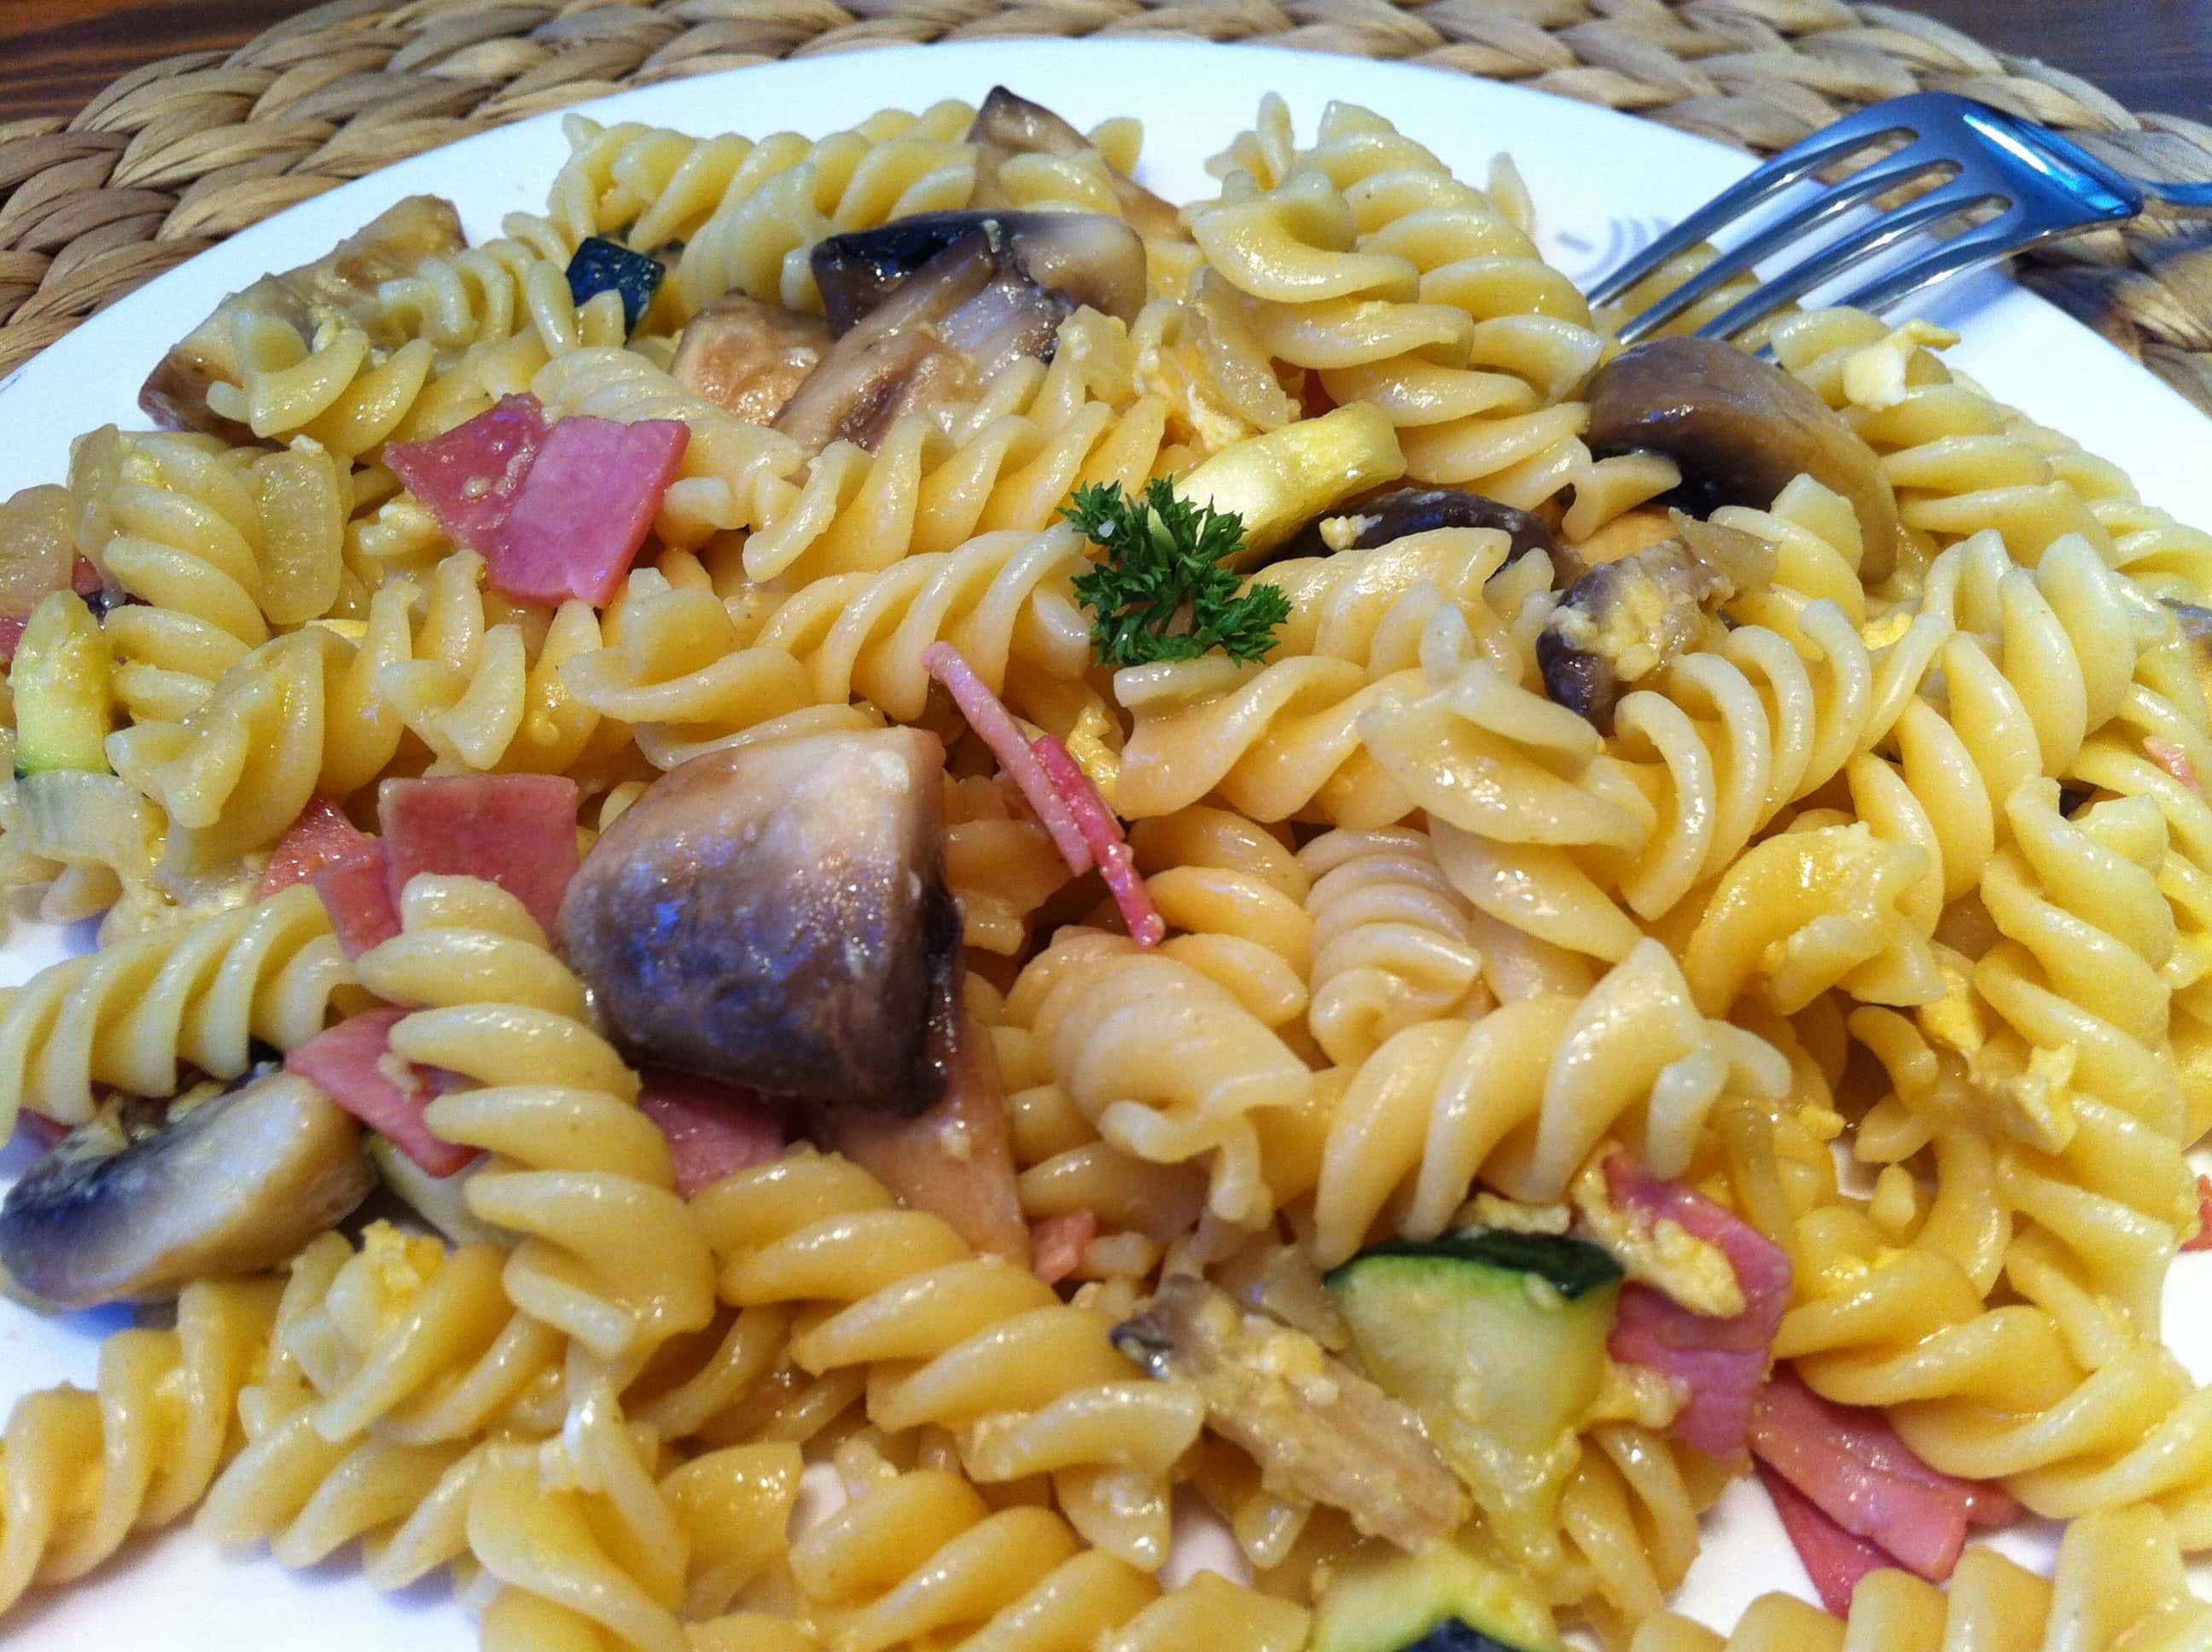 Die schnelle-pasta-mit-dem-gesunden-touch